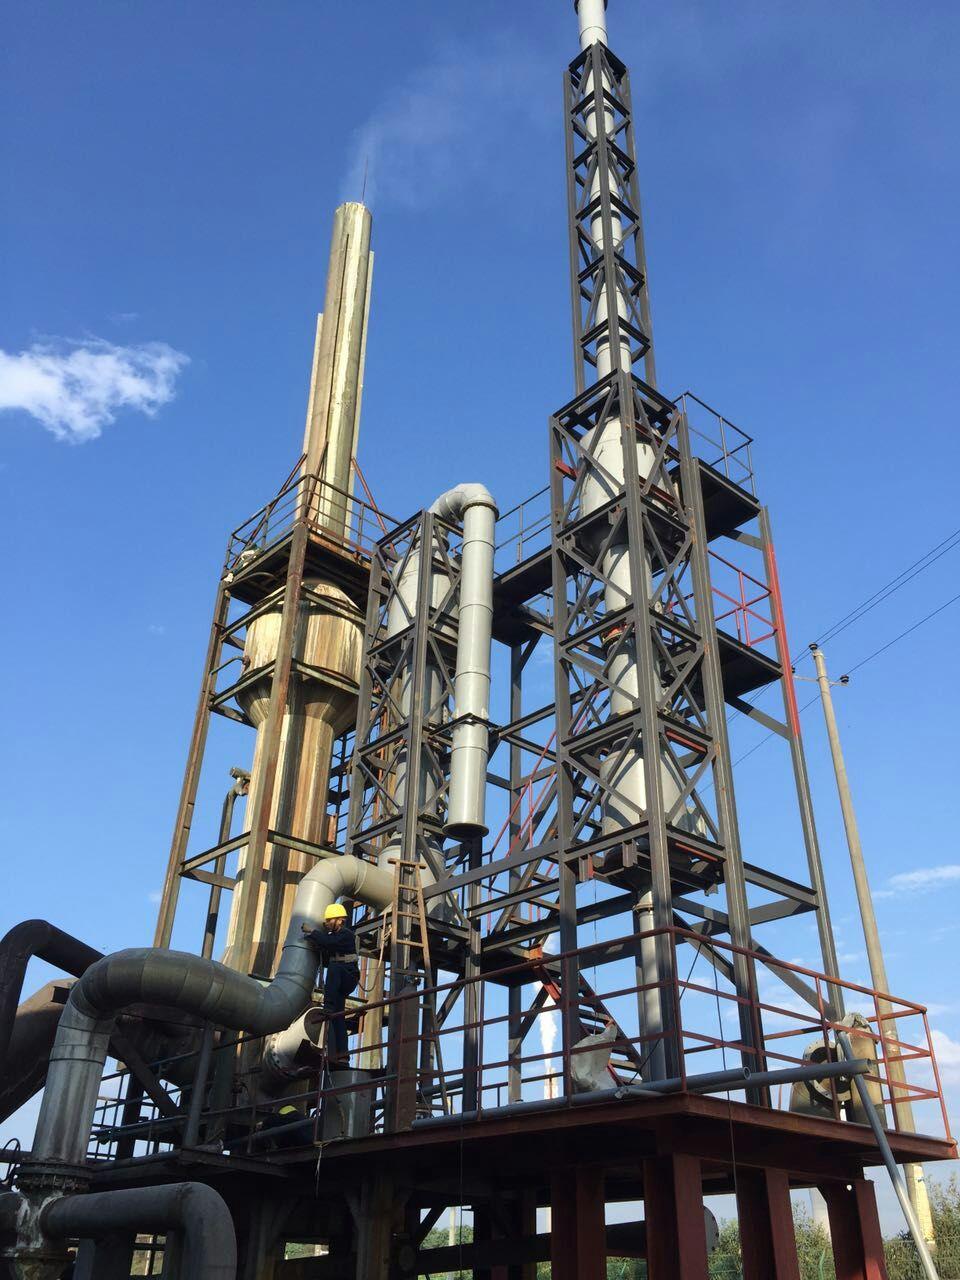 本溪市湿电除尘器脱硫设备SCR脱销设备